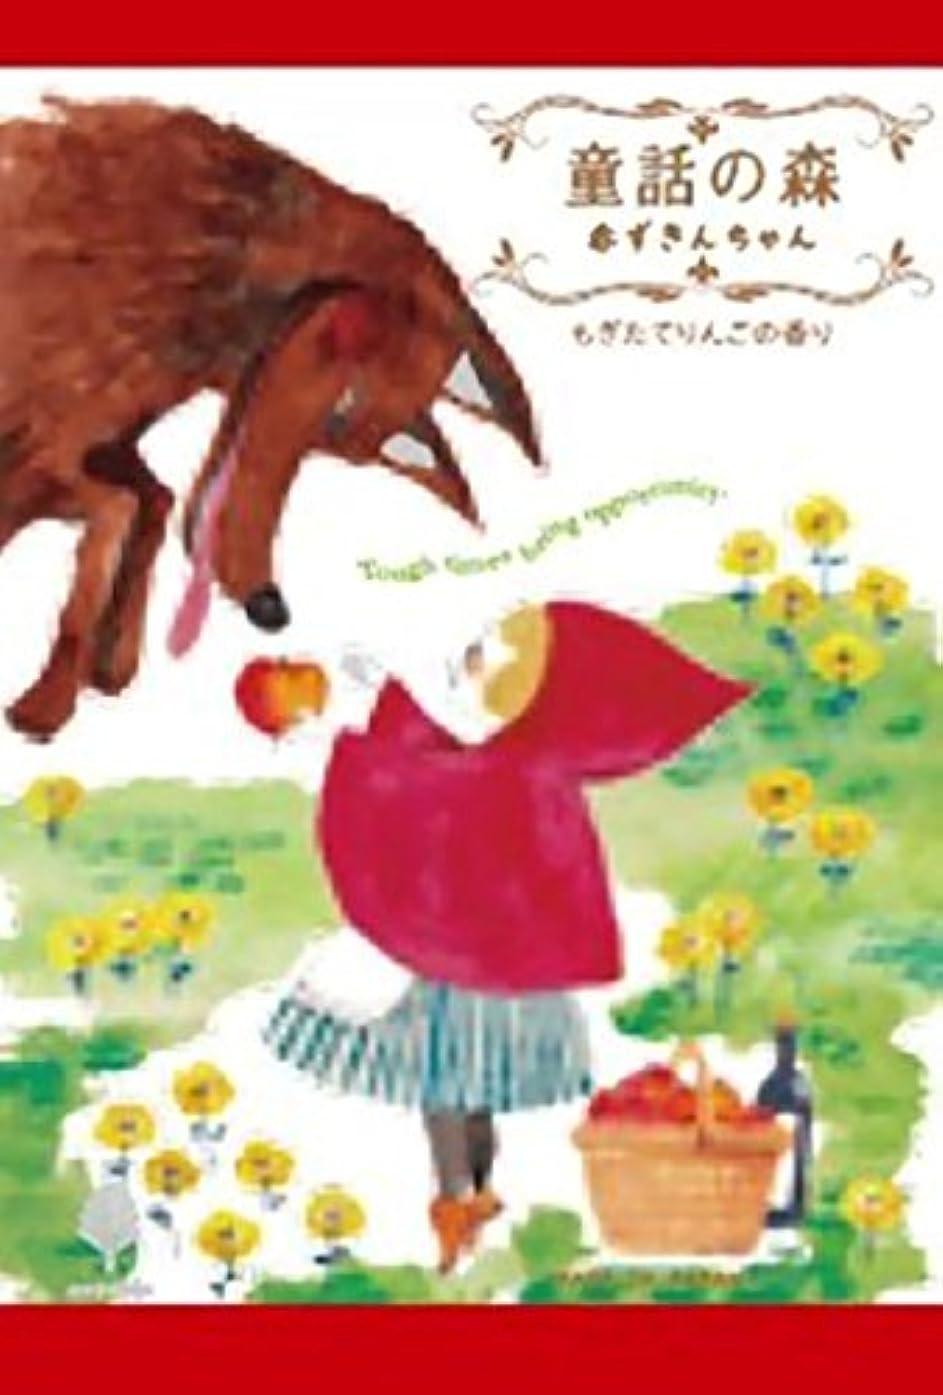 きょうだい開発する二年生小久保工業所 日本製 made in japan 童話の森赤ずきんちゃん50g N-8746 【まとめ買い12個セット】